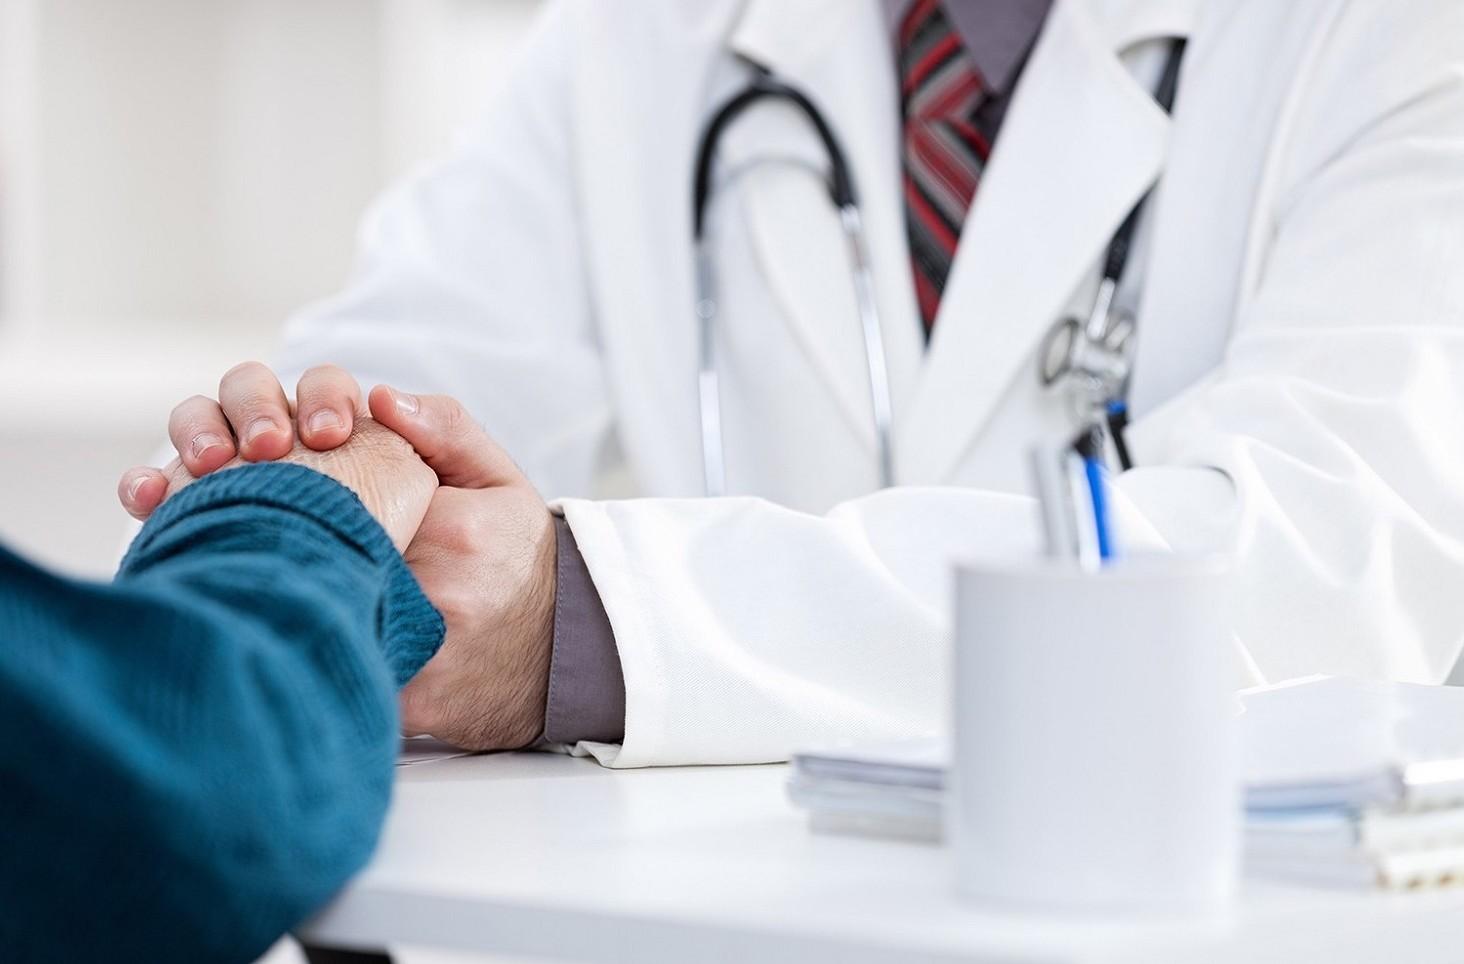 Malattie croniche 2020 e lavoro. Lista diritti